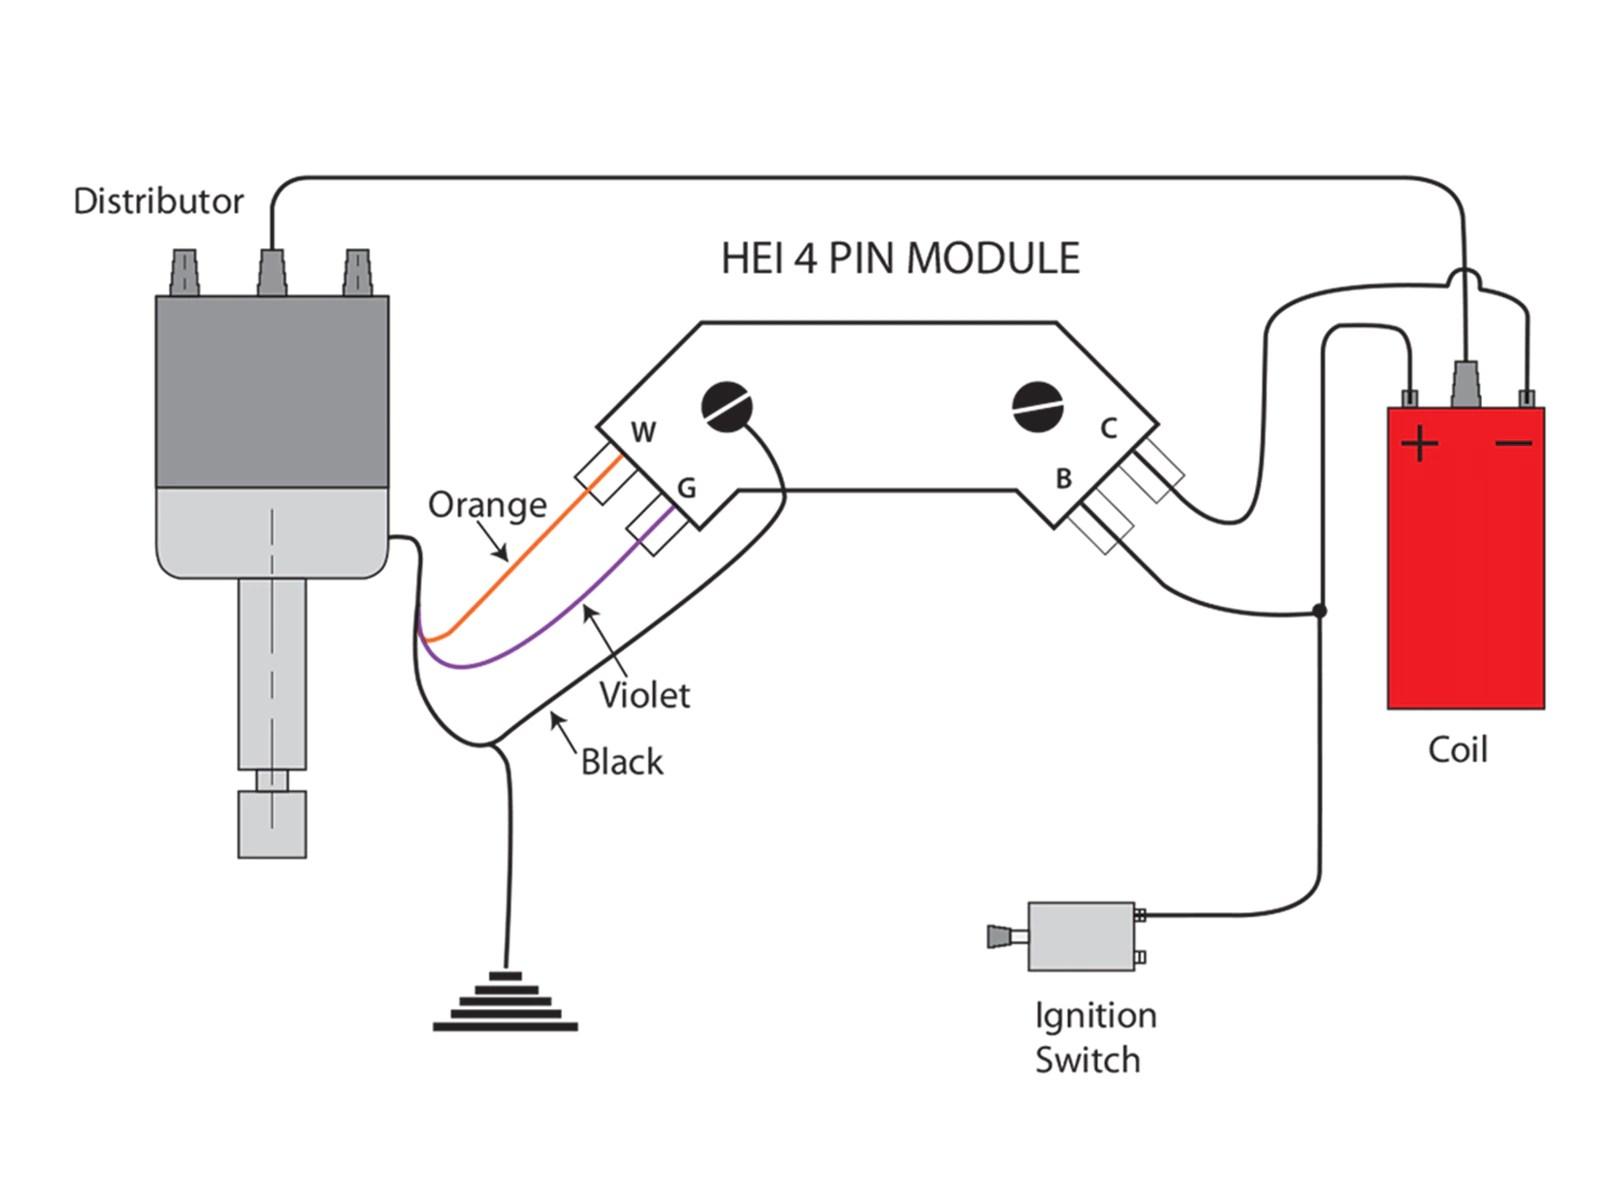 abs wiring diagrams harley slim wiring diagram Utility Trailer ABS Wiring Diagram abs wiring diagrams harley slim